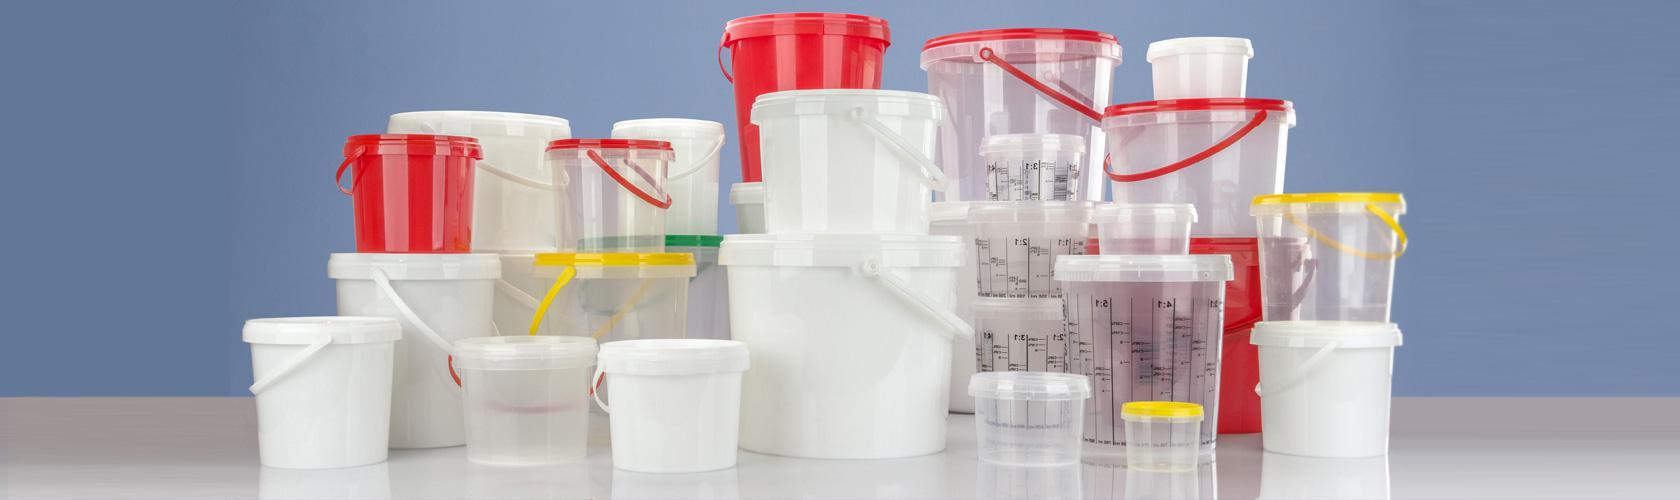 DDS Plast ambalaza